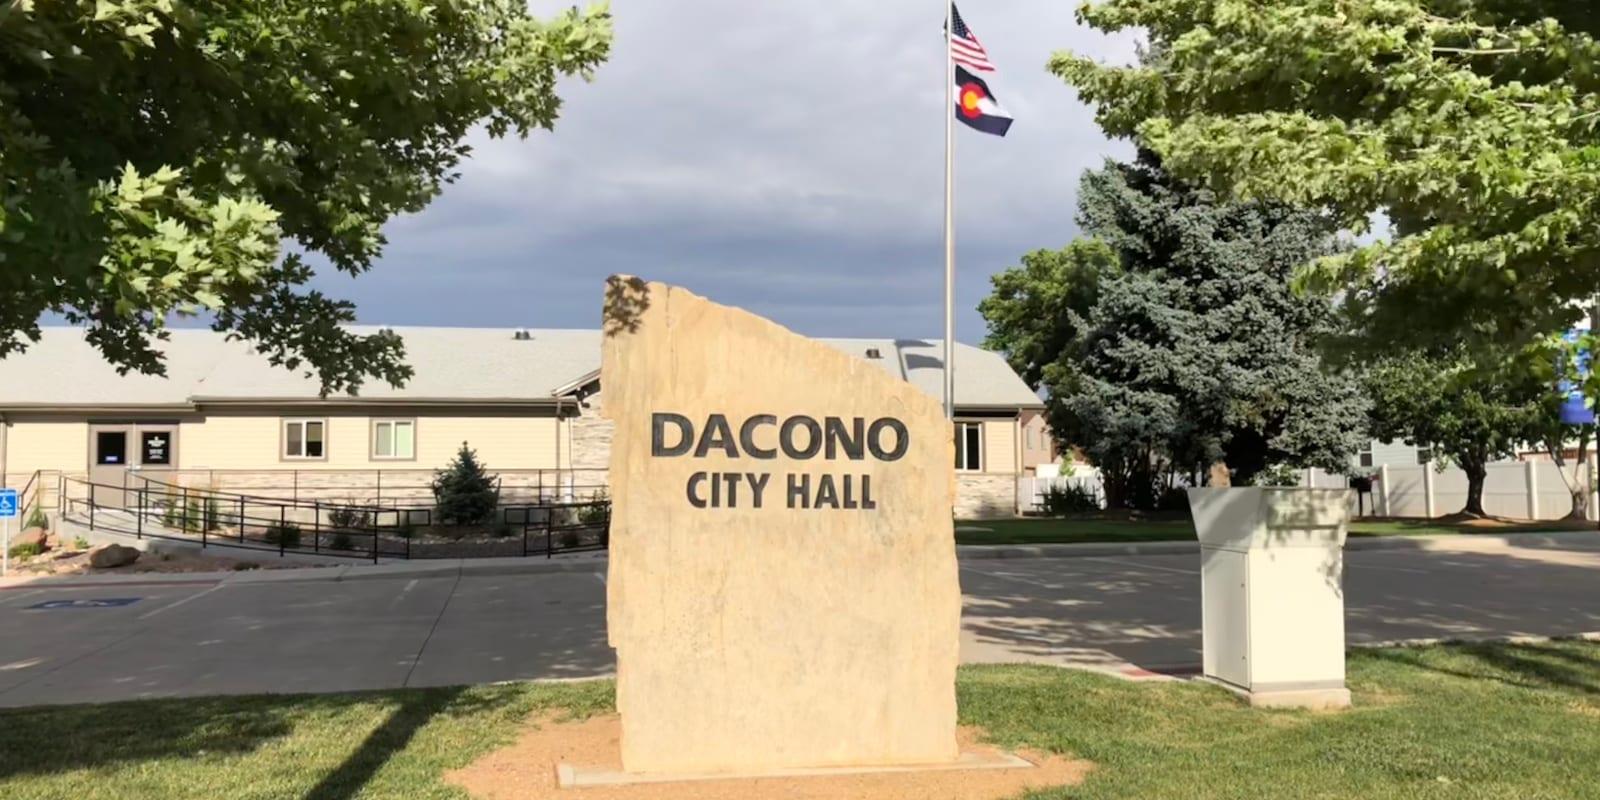 Dacono CO City Hall